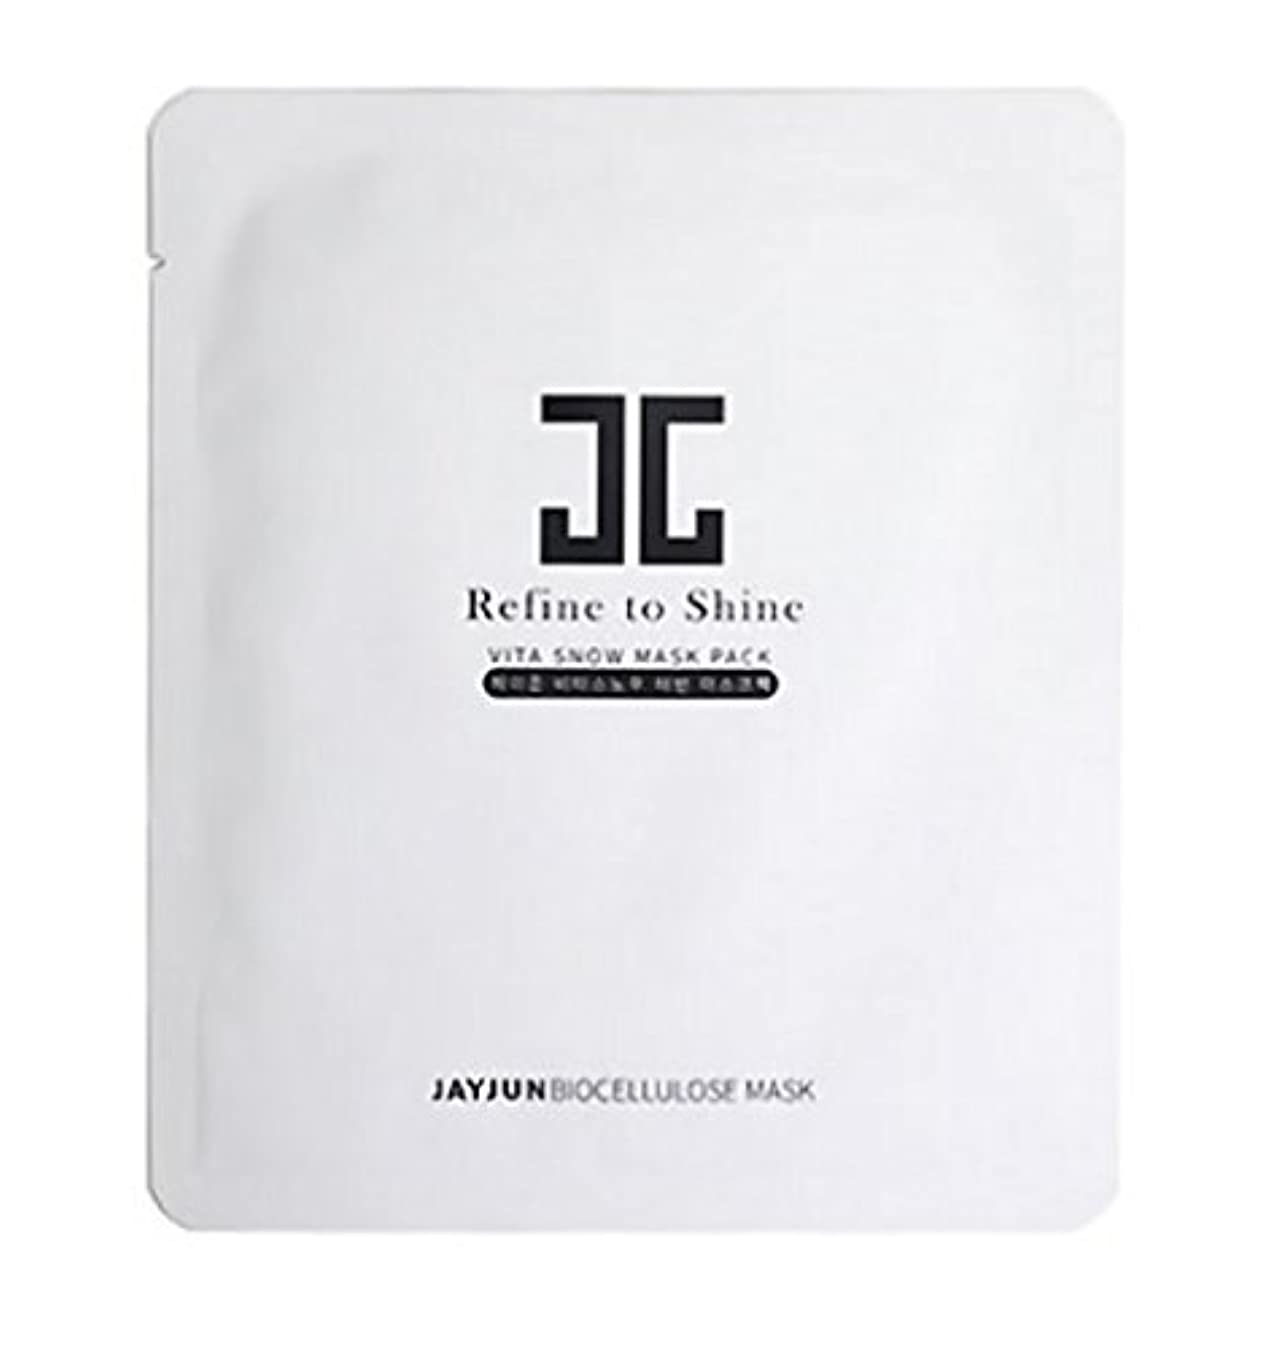 授業料ハウジング欲求不満JAYJUN ジェイジュン ヴィタスノー プレミアム バイオセルロース プラセンタフェイシャルマスク[5枚入り]Vita Snow Premium Bio Cellulose placenta Facial Mask [...